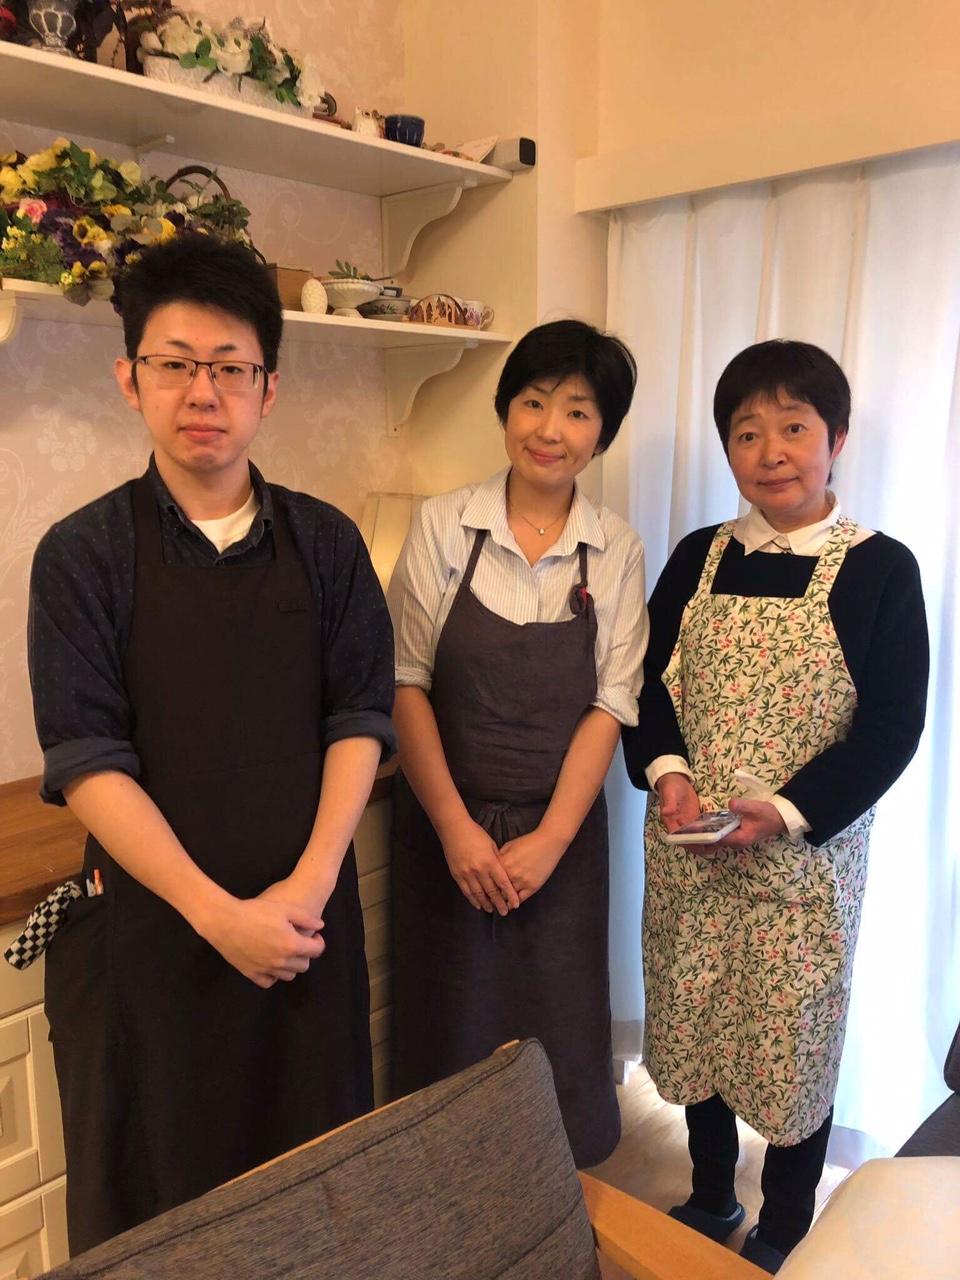 前田量子先生のお料理教室に行って来ました。